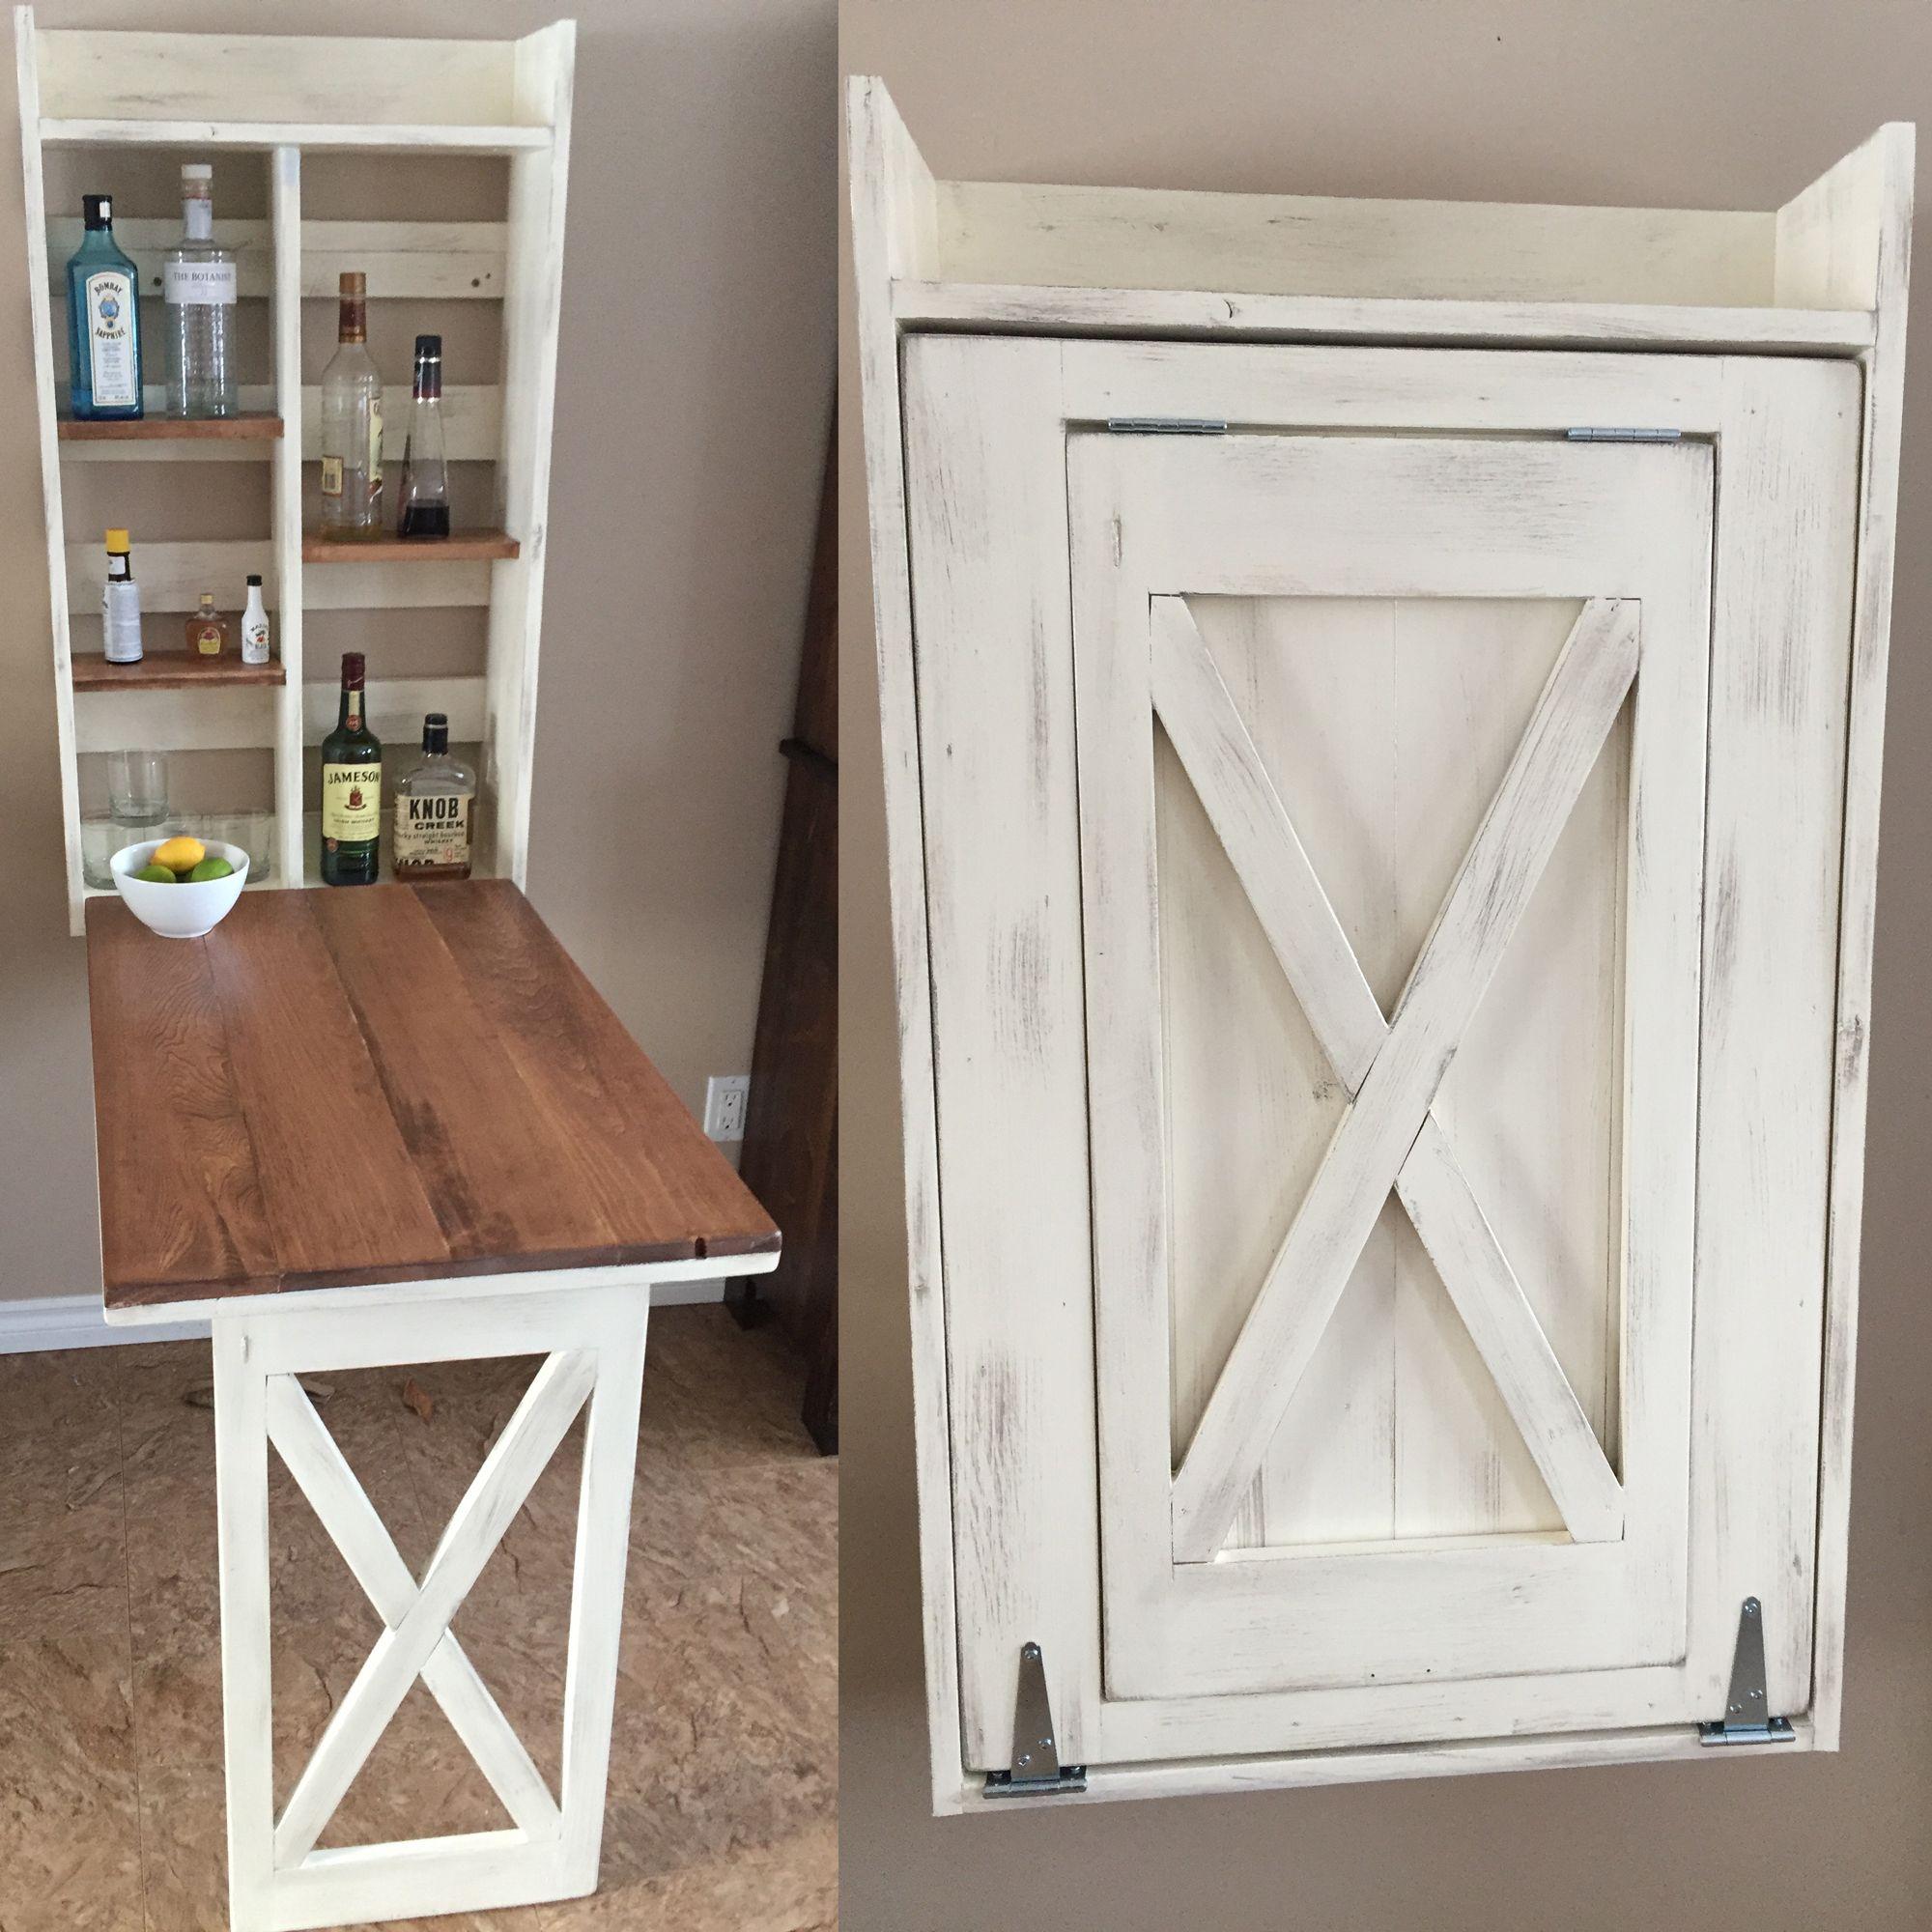 murphy kitchen table Drop down murphy bar DIY Projects Kitchen Hidden TableMurphy